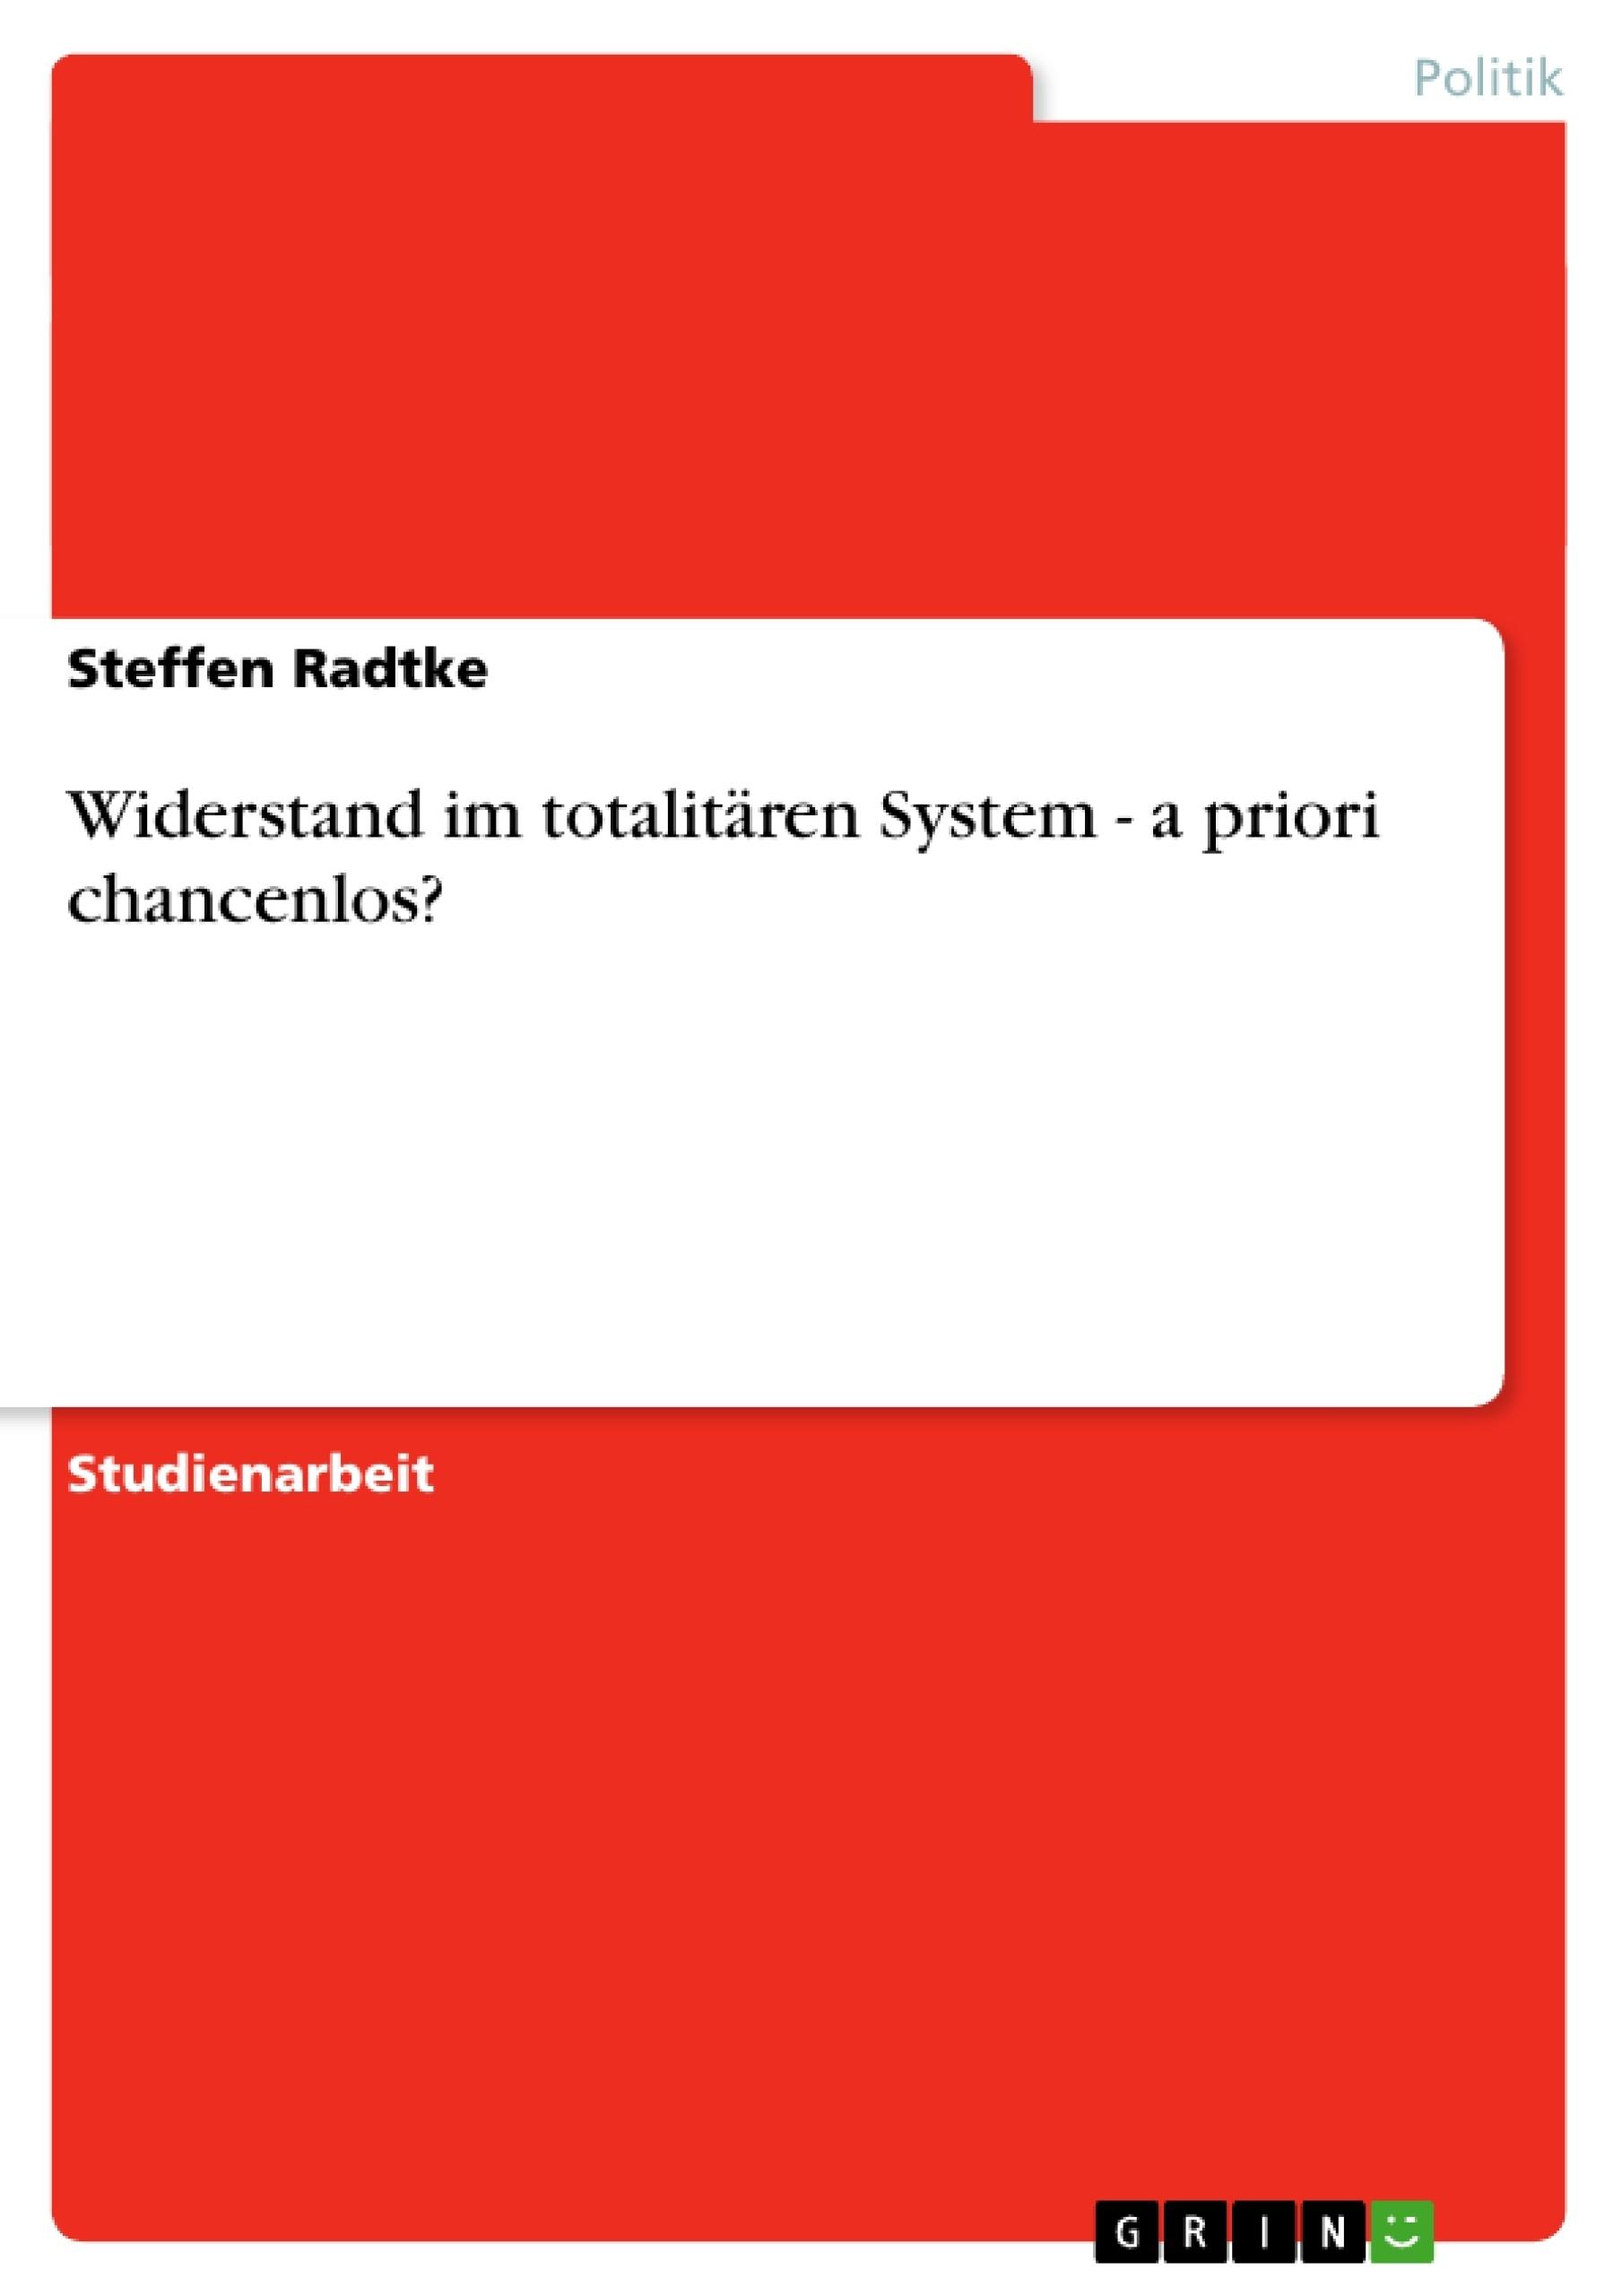 Titel: Widerstand im totalitären System - a priori chancenlos?